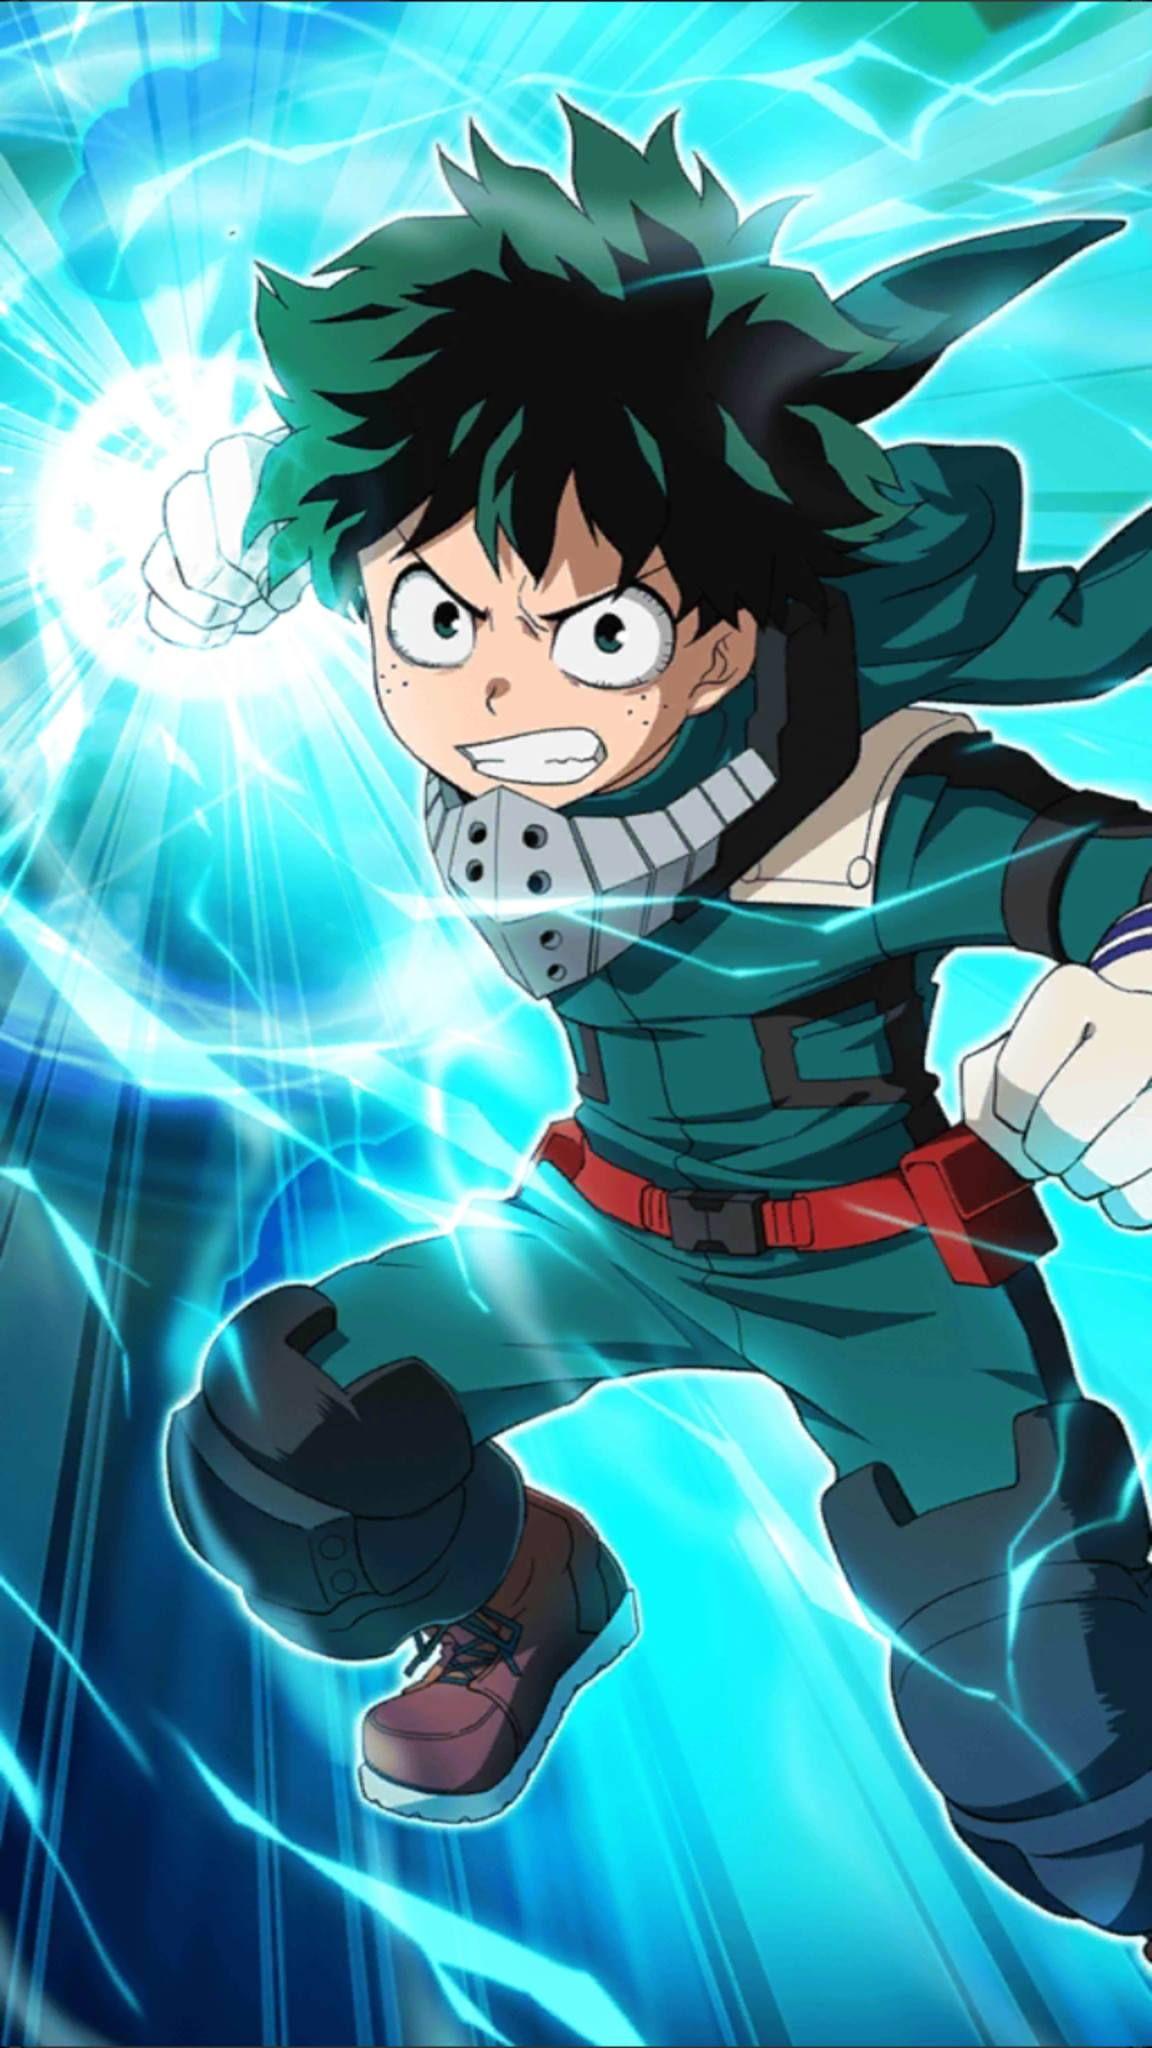 Deku / Midoriya Izuku Personajes de anime, Wallpaper de